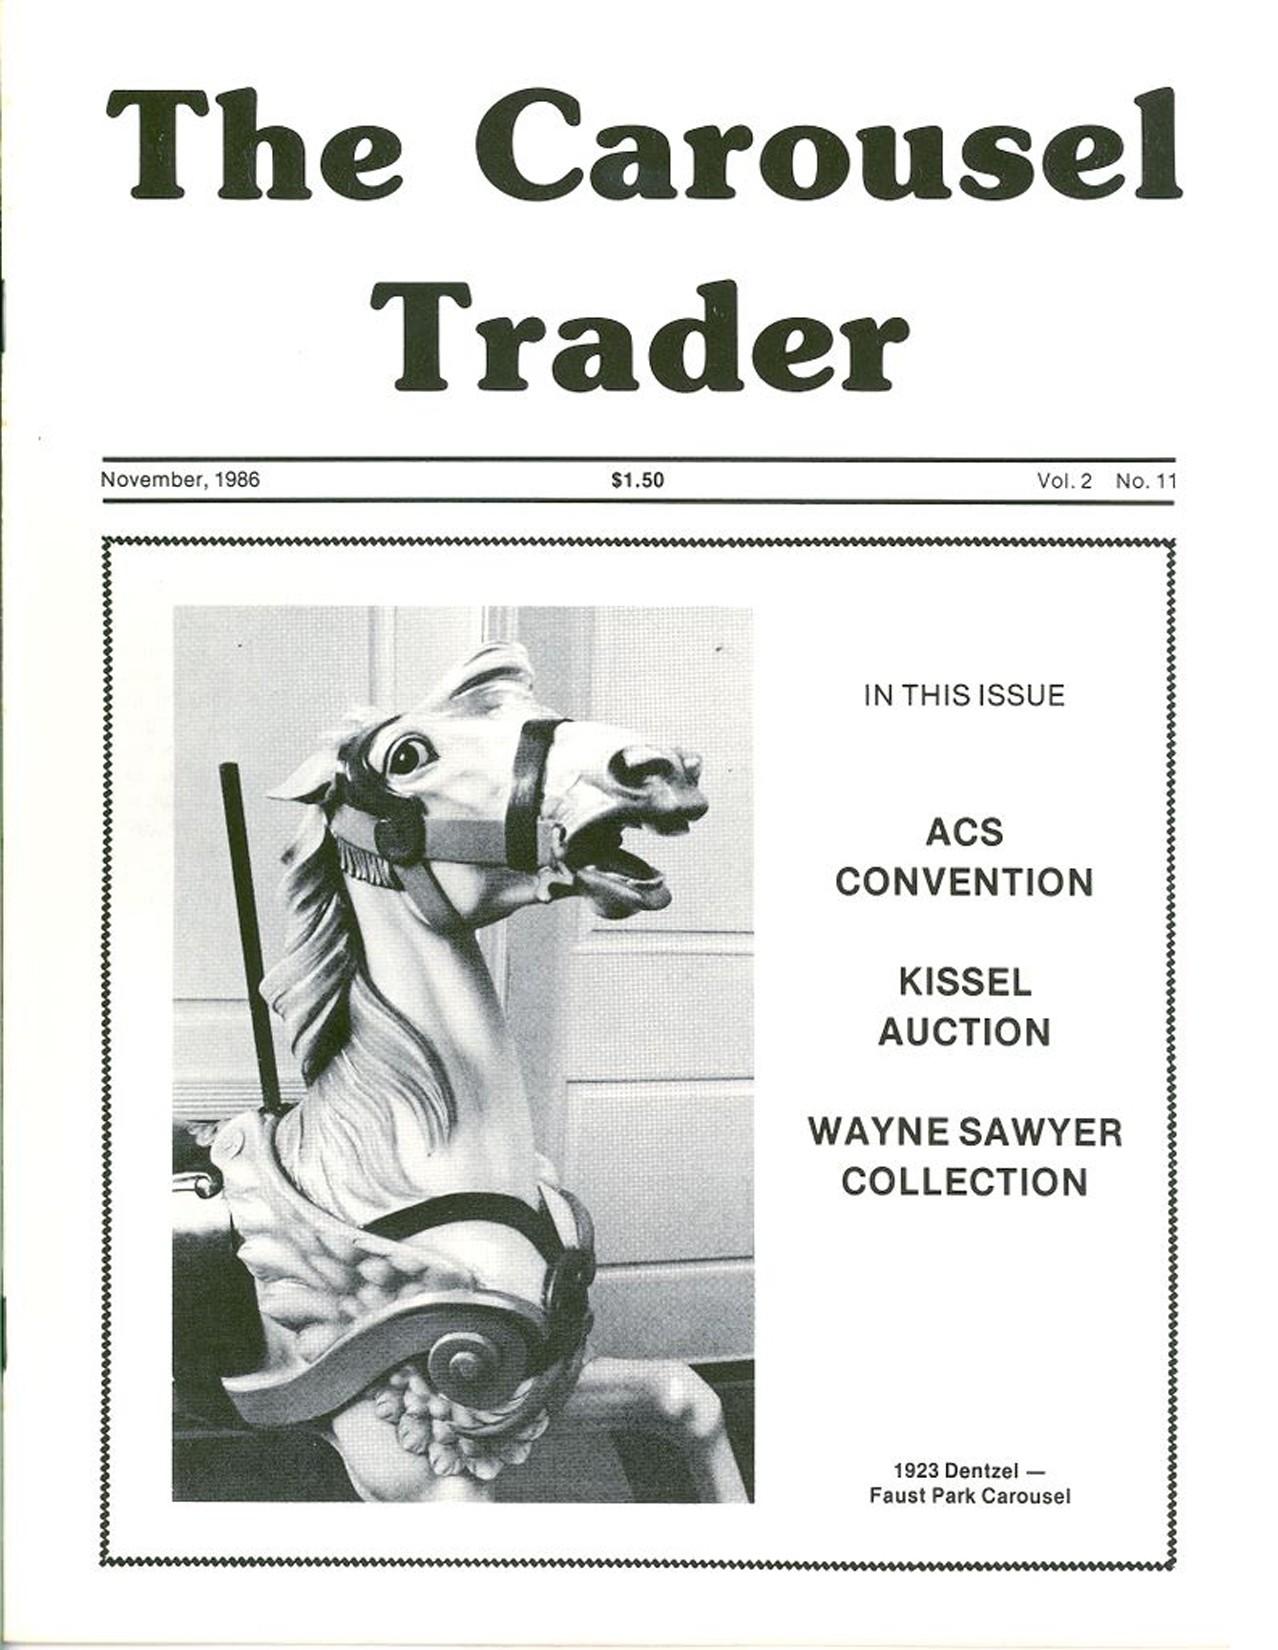 Carousel-News-11_1986-cover-1923-Dentzel-horse-Faust-Park